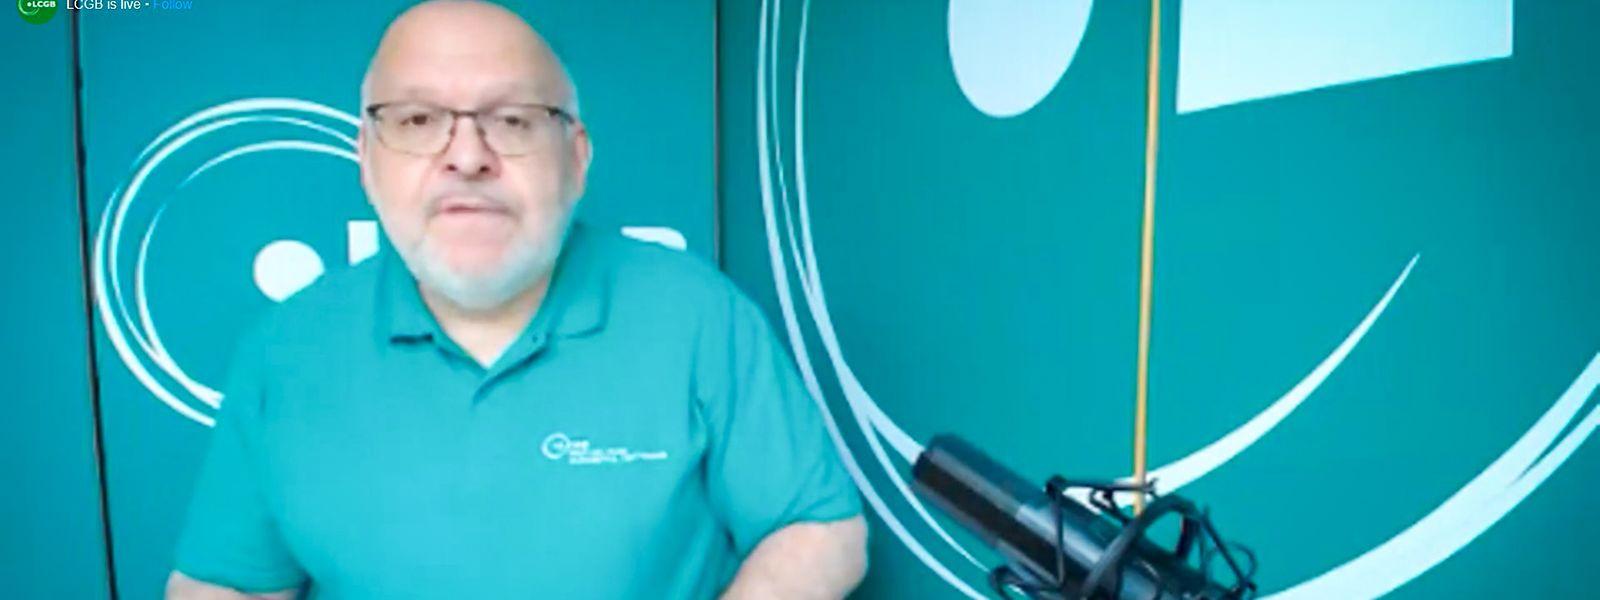 1.-Mai-Feier ohne Feier: Vergangenes Jahr richtete sich LCGB-Präsident Patrick Dury mit einer Videobotschaft an die Gewerkschaftsanhänger.